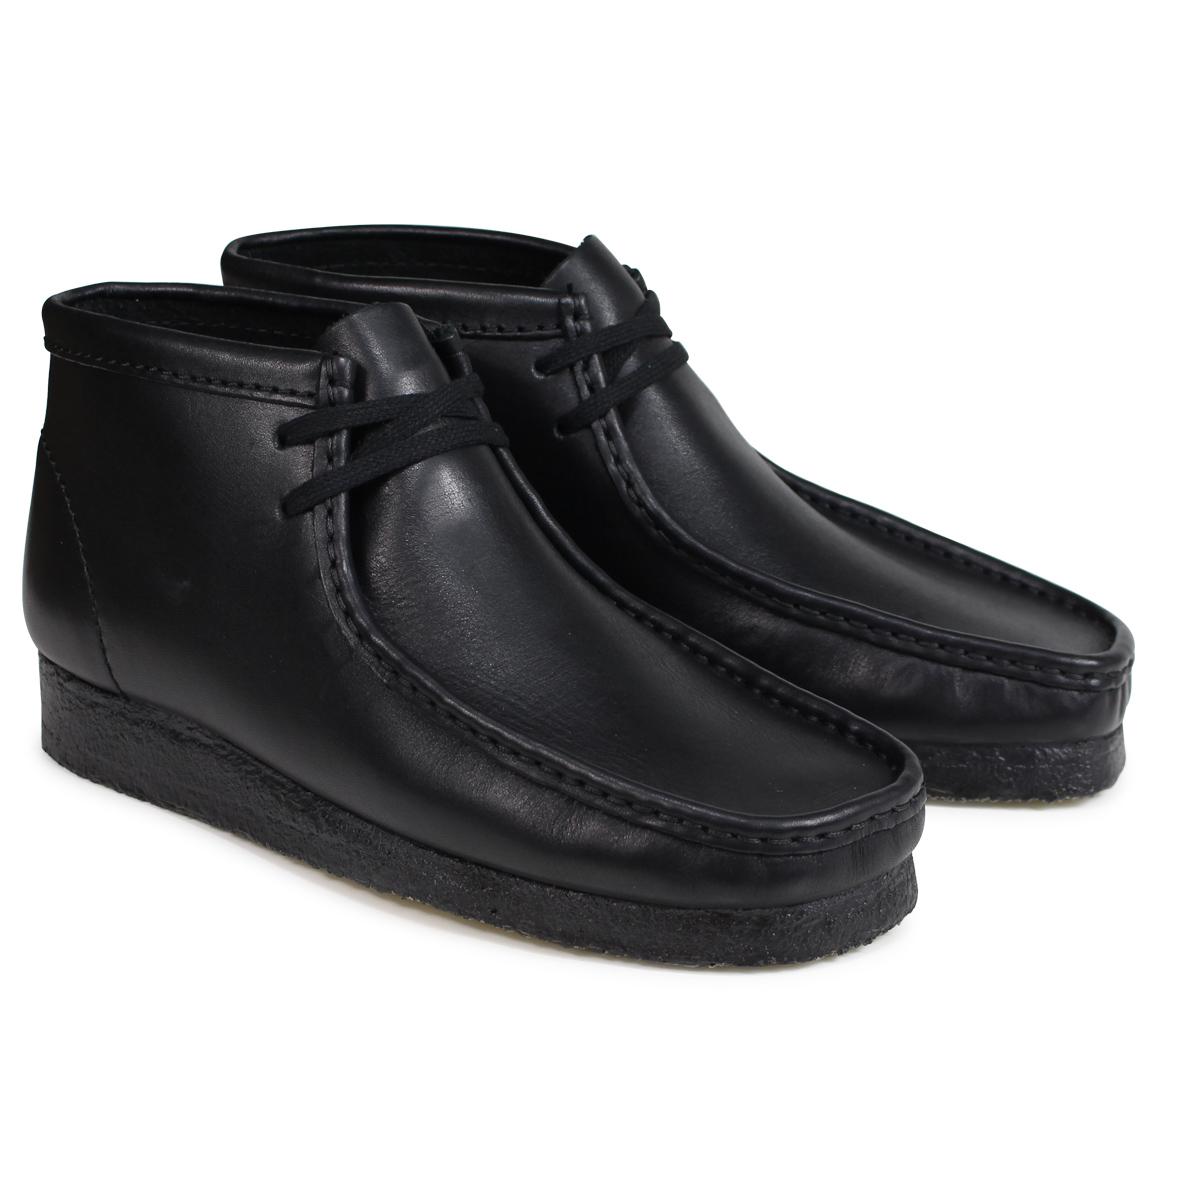 Clarks Originals WALLABEE BOOT クラークス ワラビー ブーツ メンズ オリジナルズ Mワイズ 26103666 ブラック